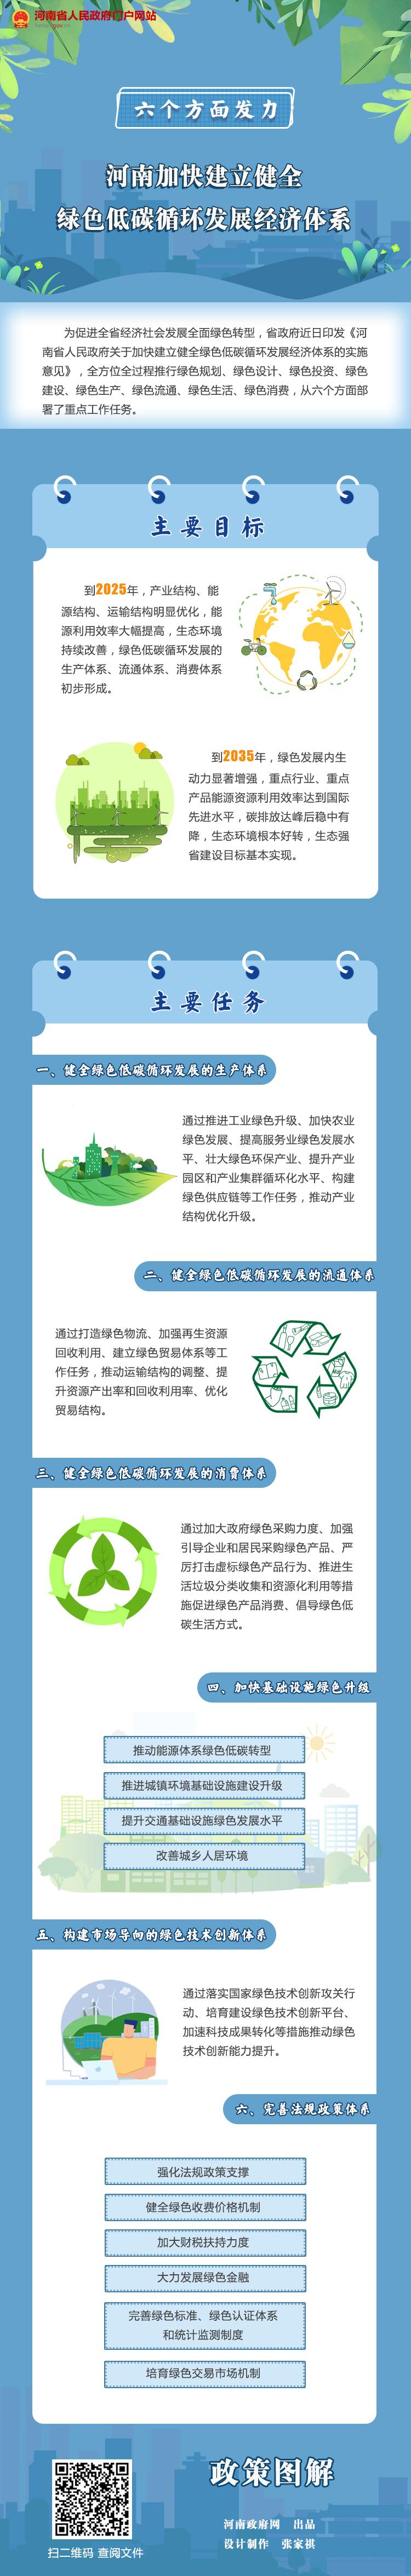 图解丨六个方面发力!河南加快建立健全绿色低碳循环发展经济体系